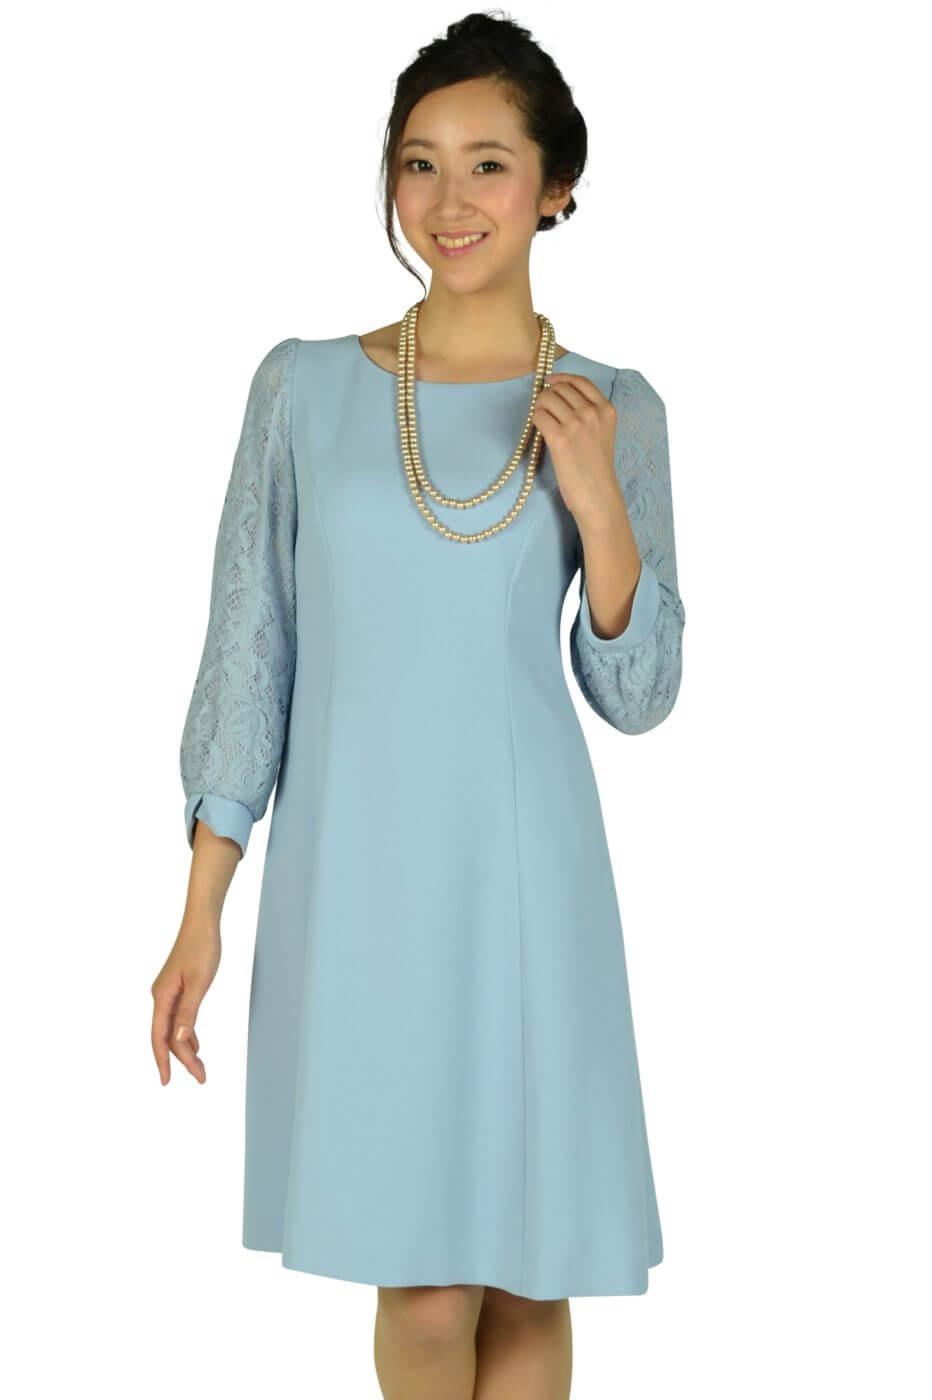 ストロベリーフィールズ (STRAWBERRY-FIELDS)サックスブルーレース袖ドレス